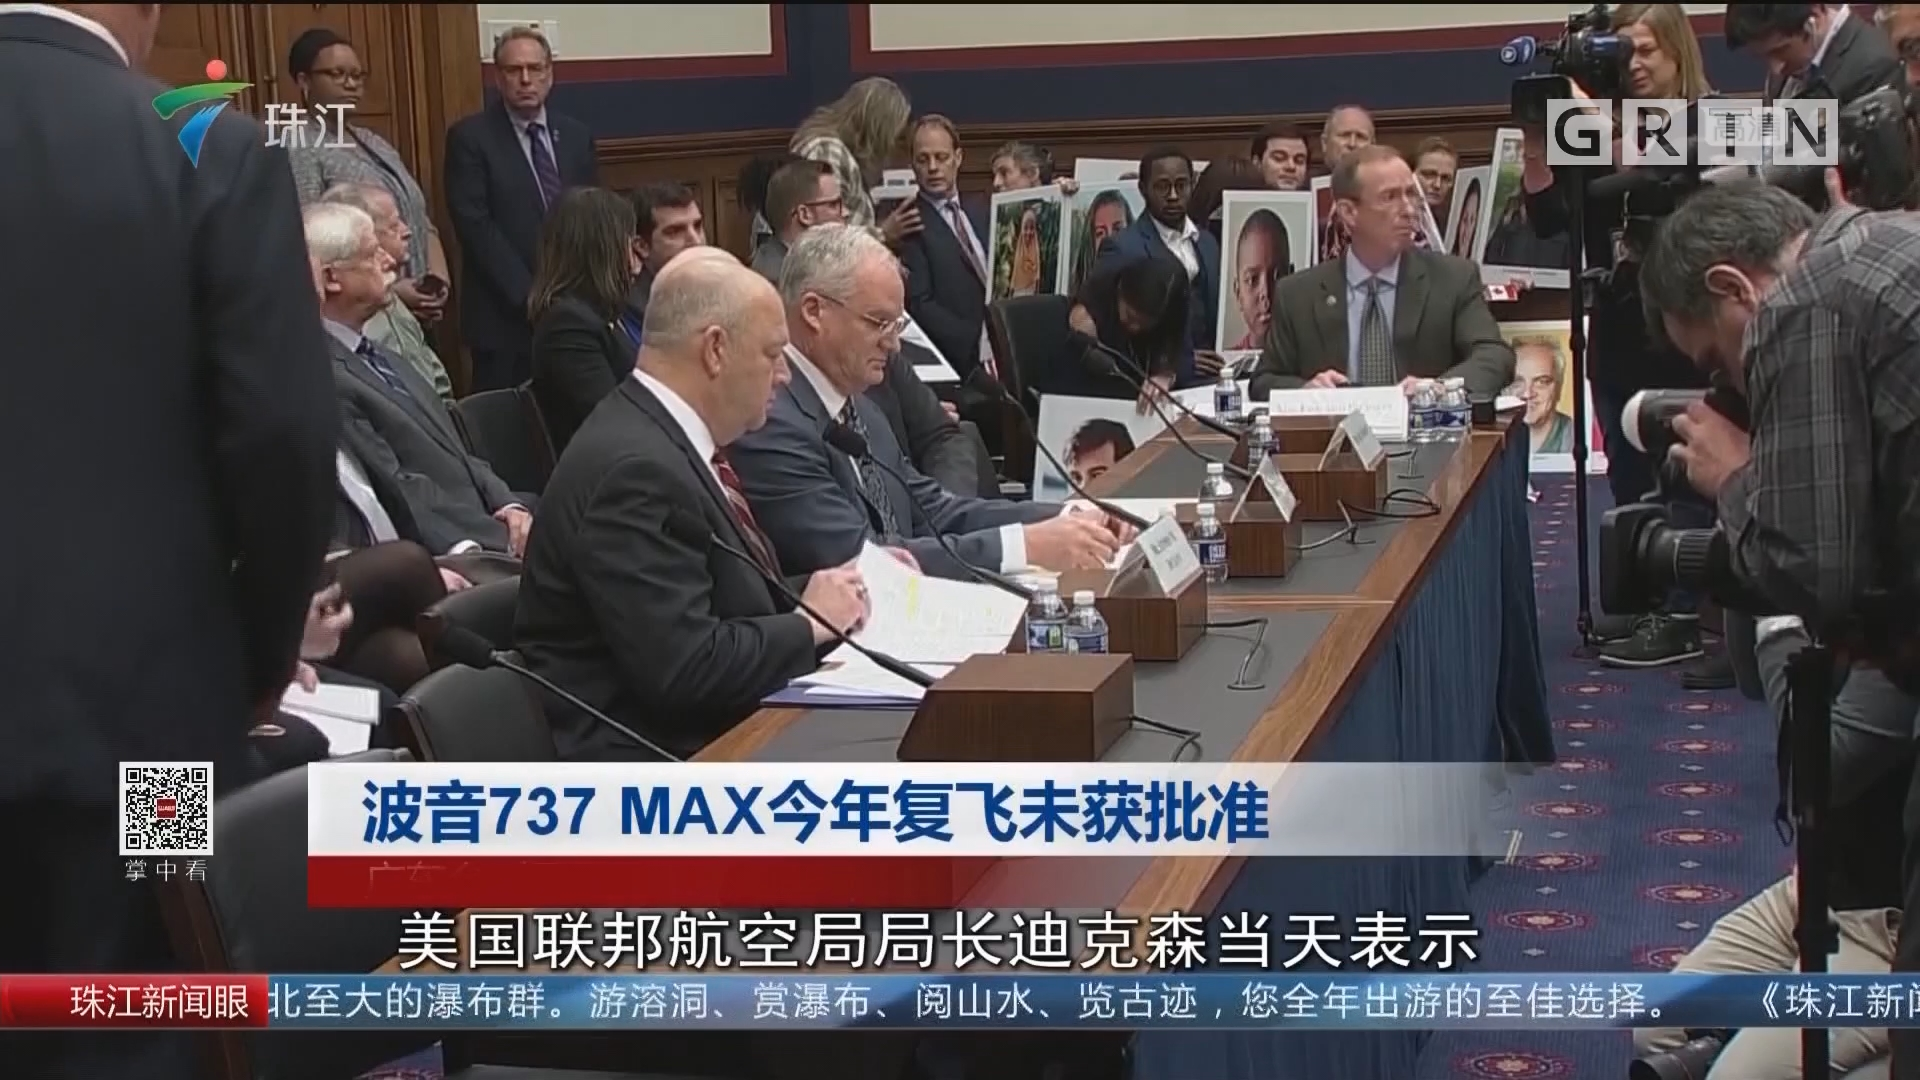 波音737 MAX今年复飞未获批准